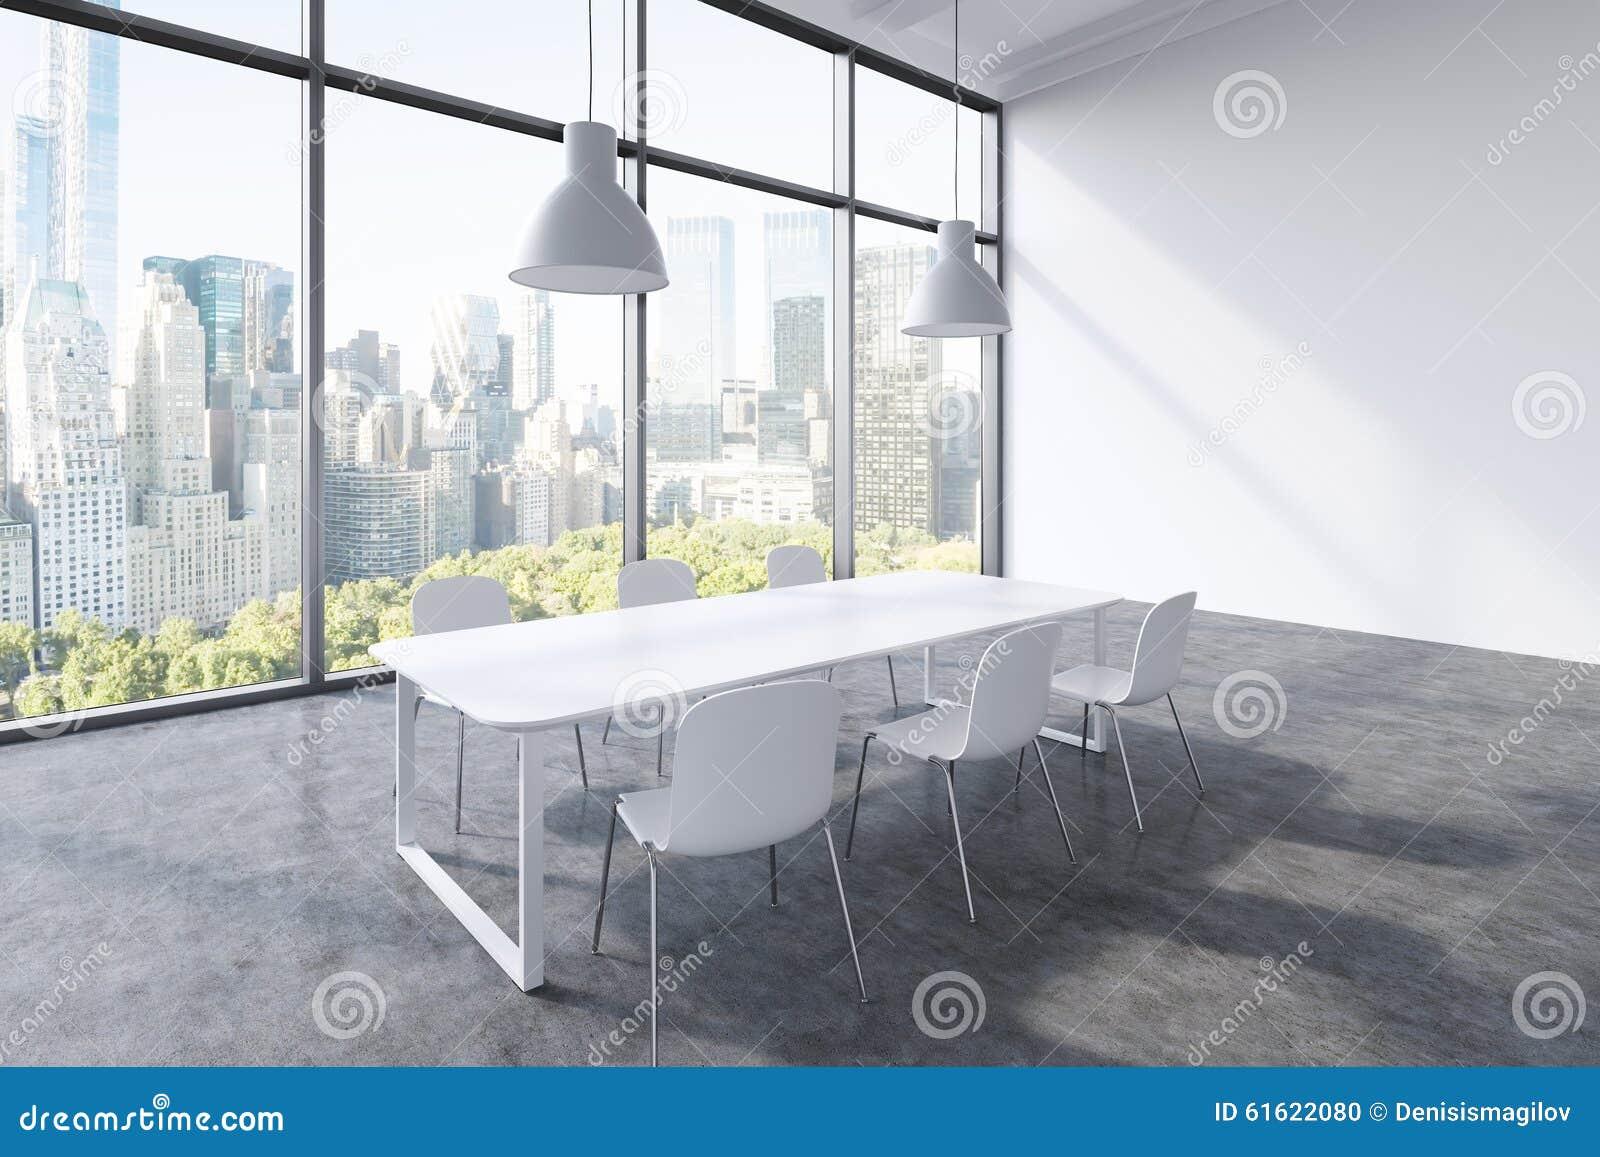 Plafoniera Ufficio Design : Un auditorium in ufficio panoramico moderno con la vista di new